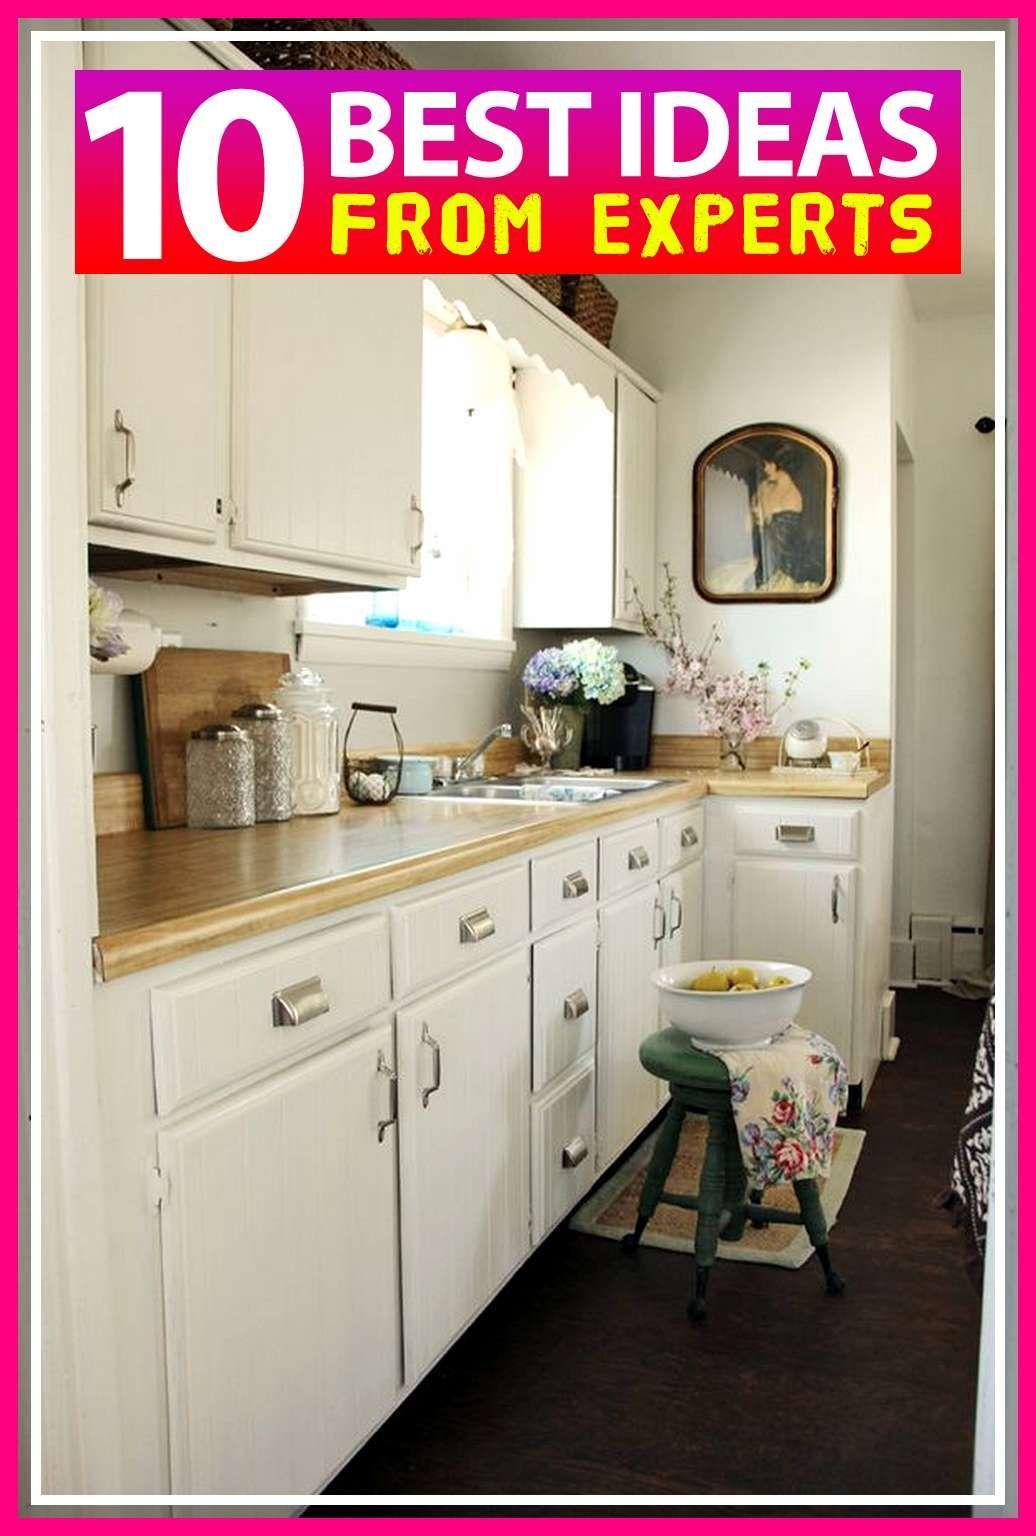 10 Wonderful Behr Paint For Kitchen Cabinets Home Depot Diy Behr